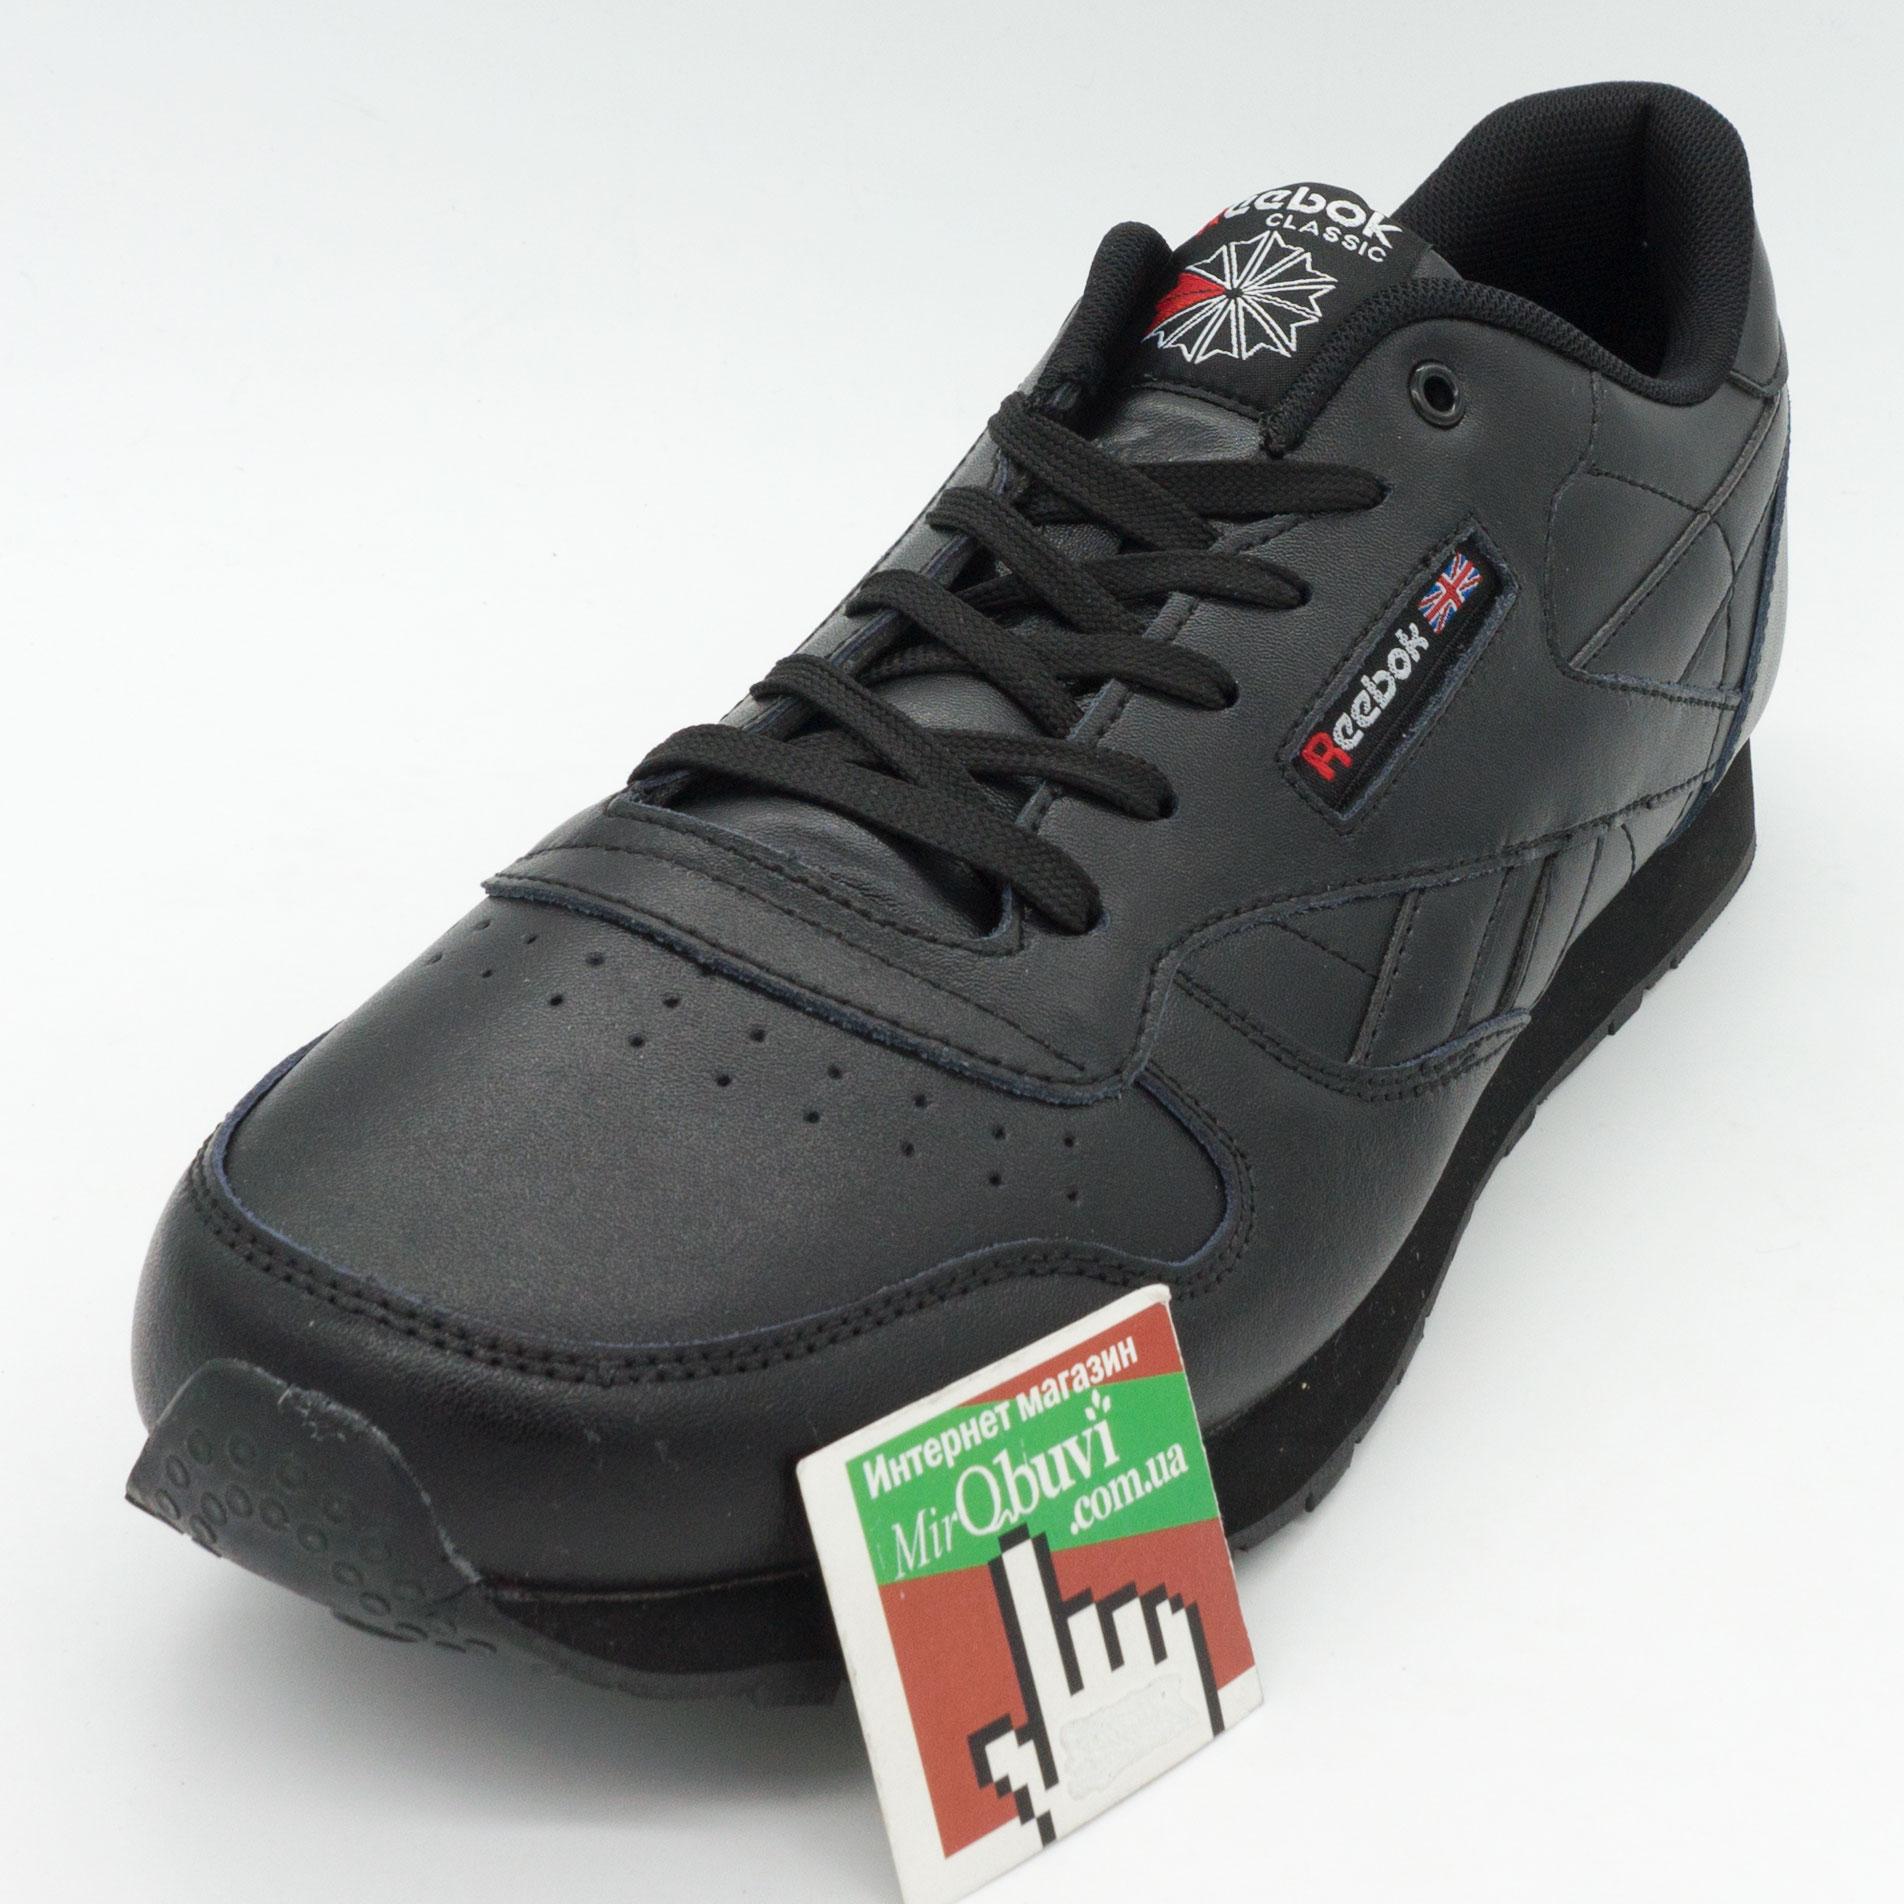 фото front Мужские кожаные кроссовки Reebok classic leather black (Рибок класик черные, кожа) большие размеры front